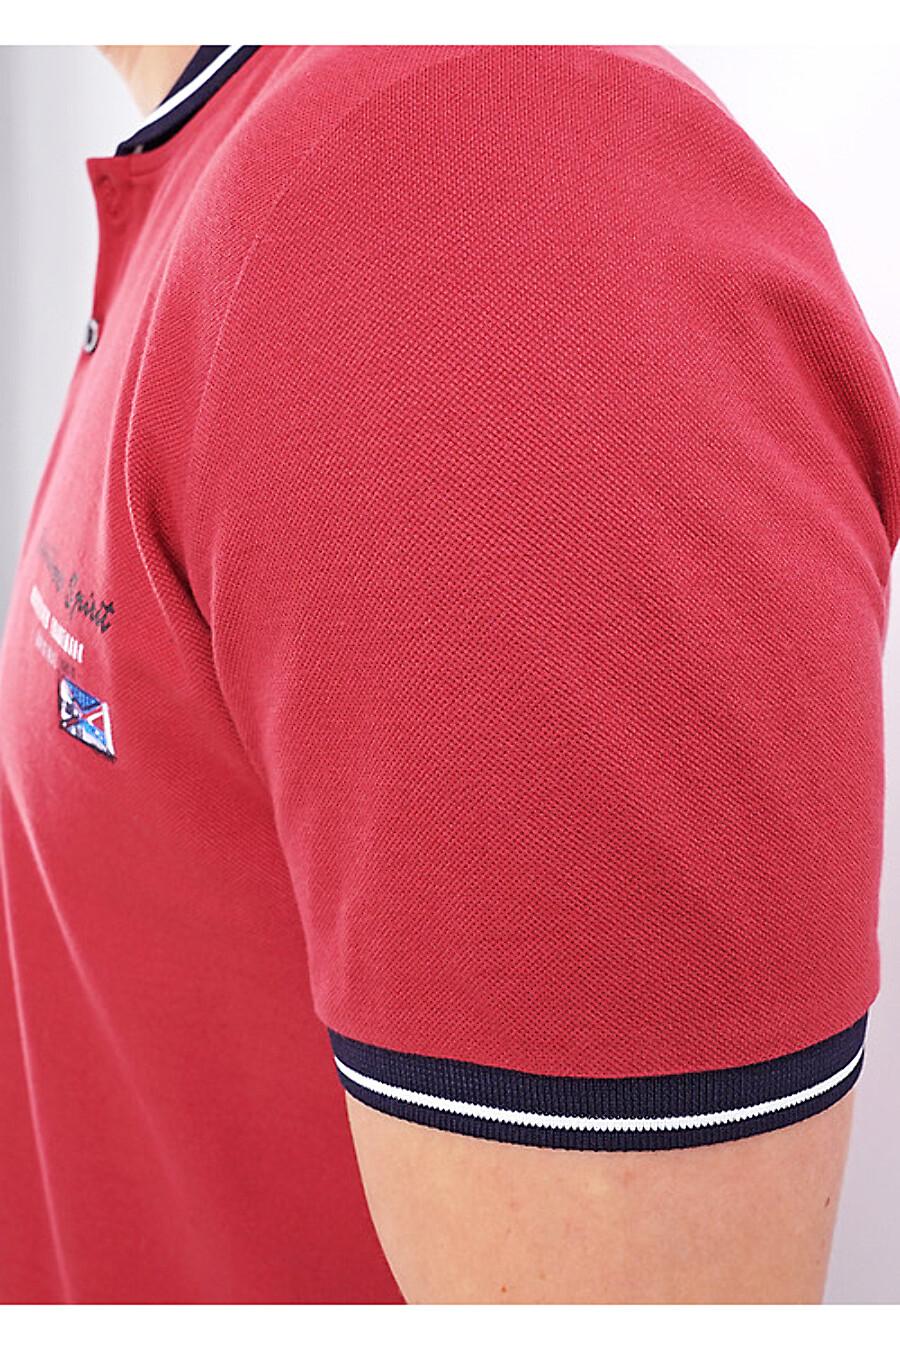 Футболка для мужчин CLEVER 169373 купить оптом от производителя. Совместная покупка мужской одежды в OptMoyo